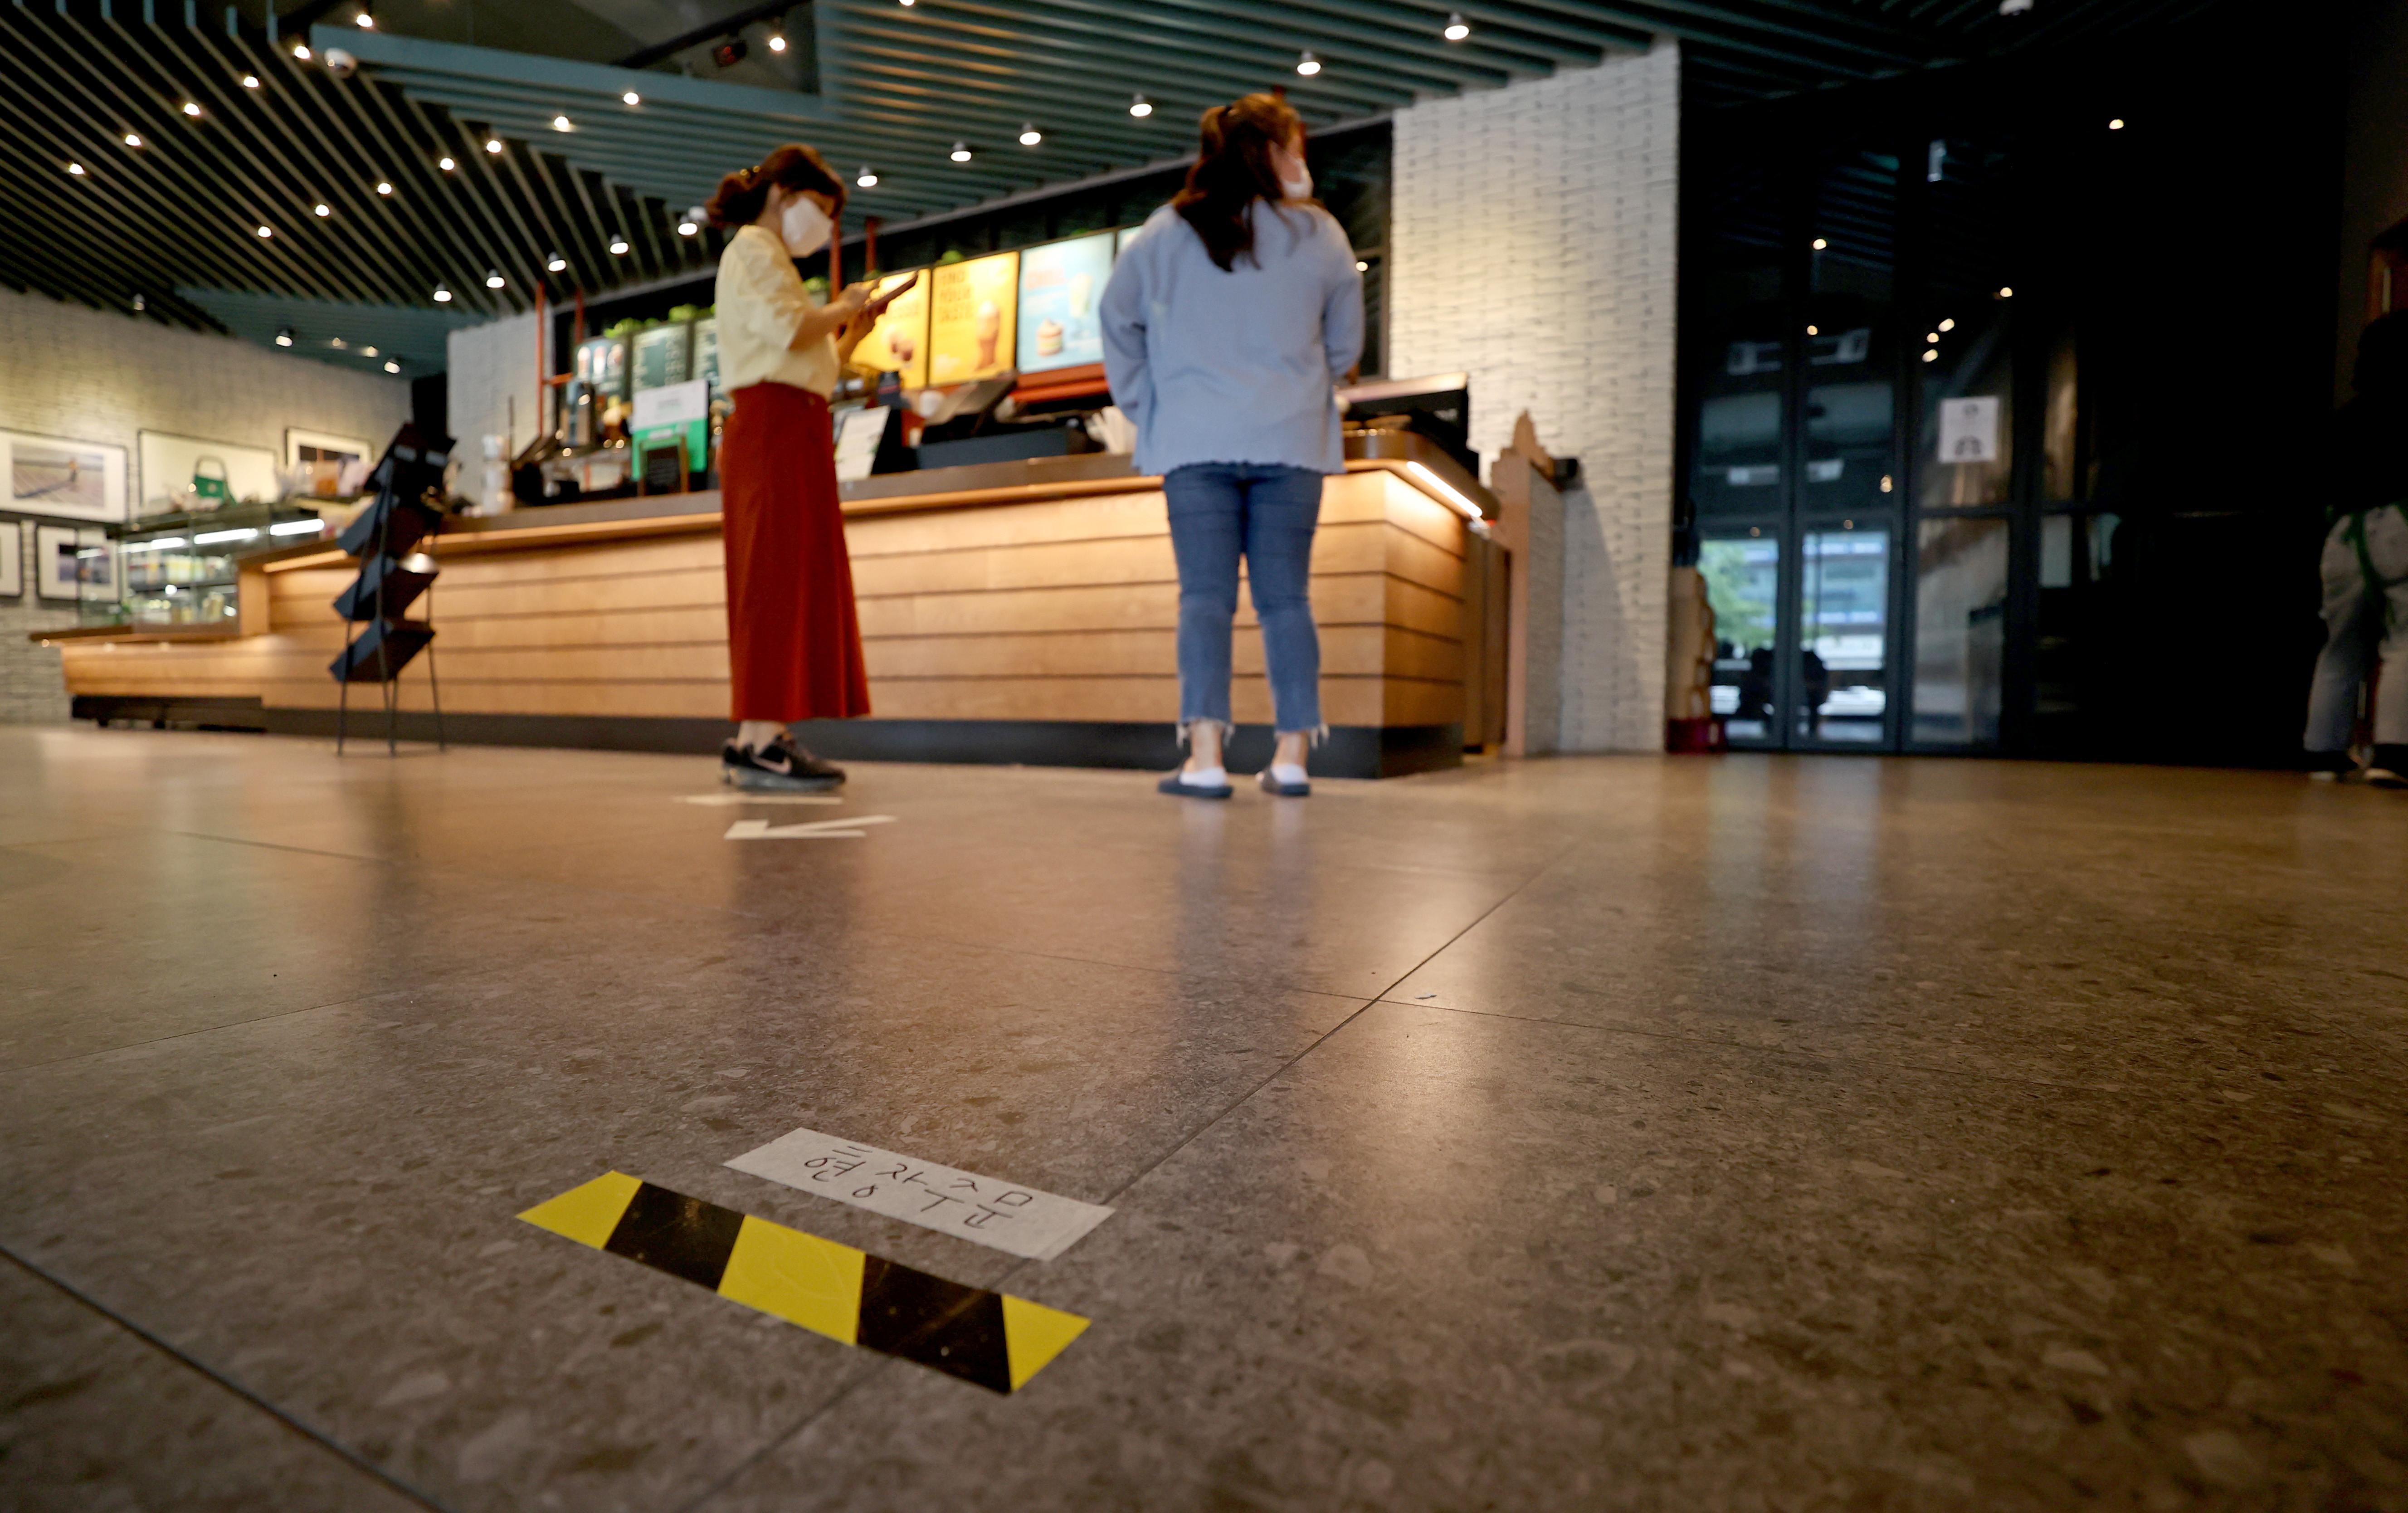 ▲▼前往咖啡廳消費,須在出入名單上登記名字、電話號碼。(圖/達志影像)